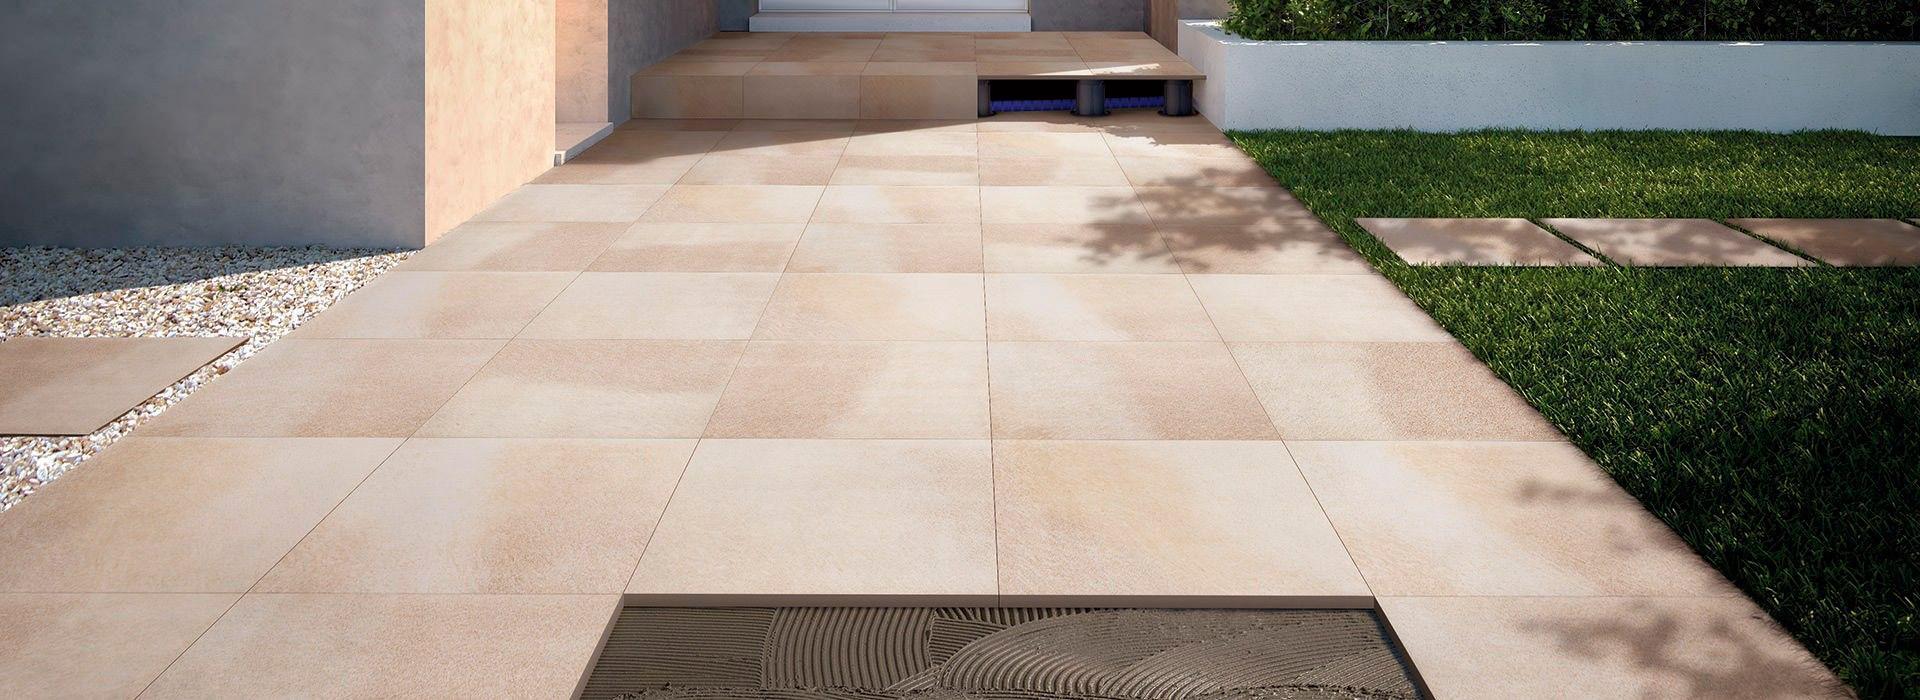 Pavimentazioni esterne piastrelle per pavimenti sopraelevati fmg fabbrica marmi e graniti - Piastrelle per pavimenti ...